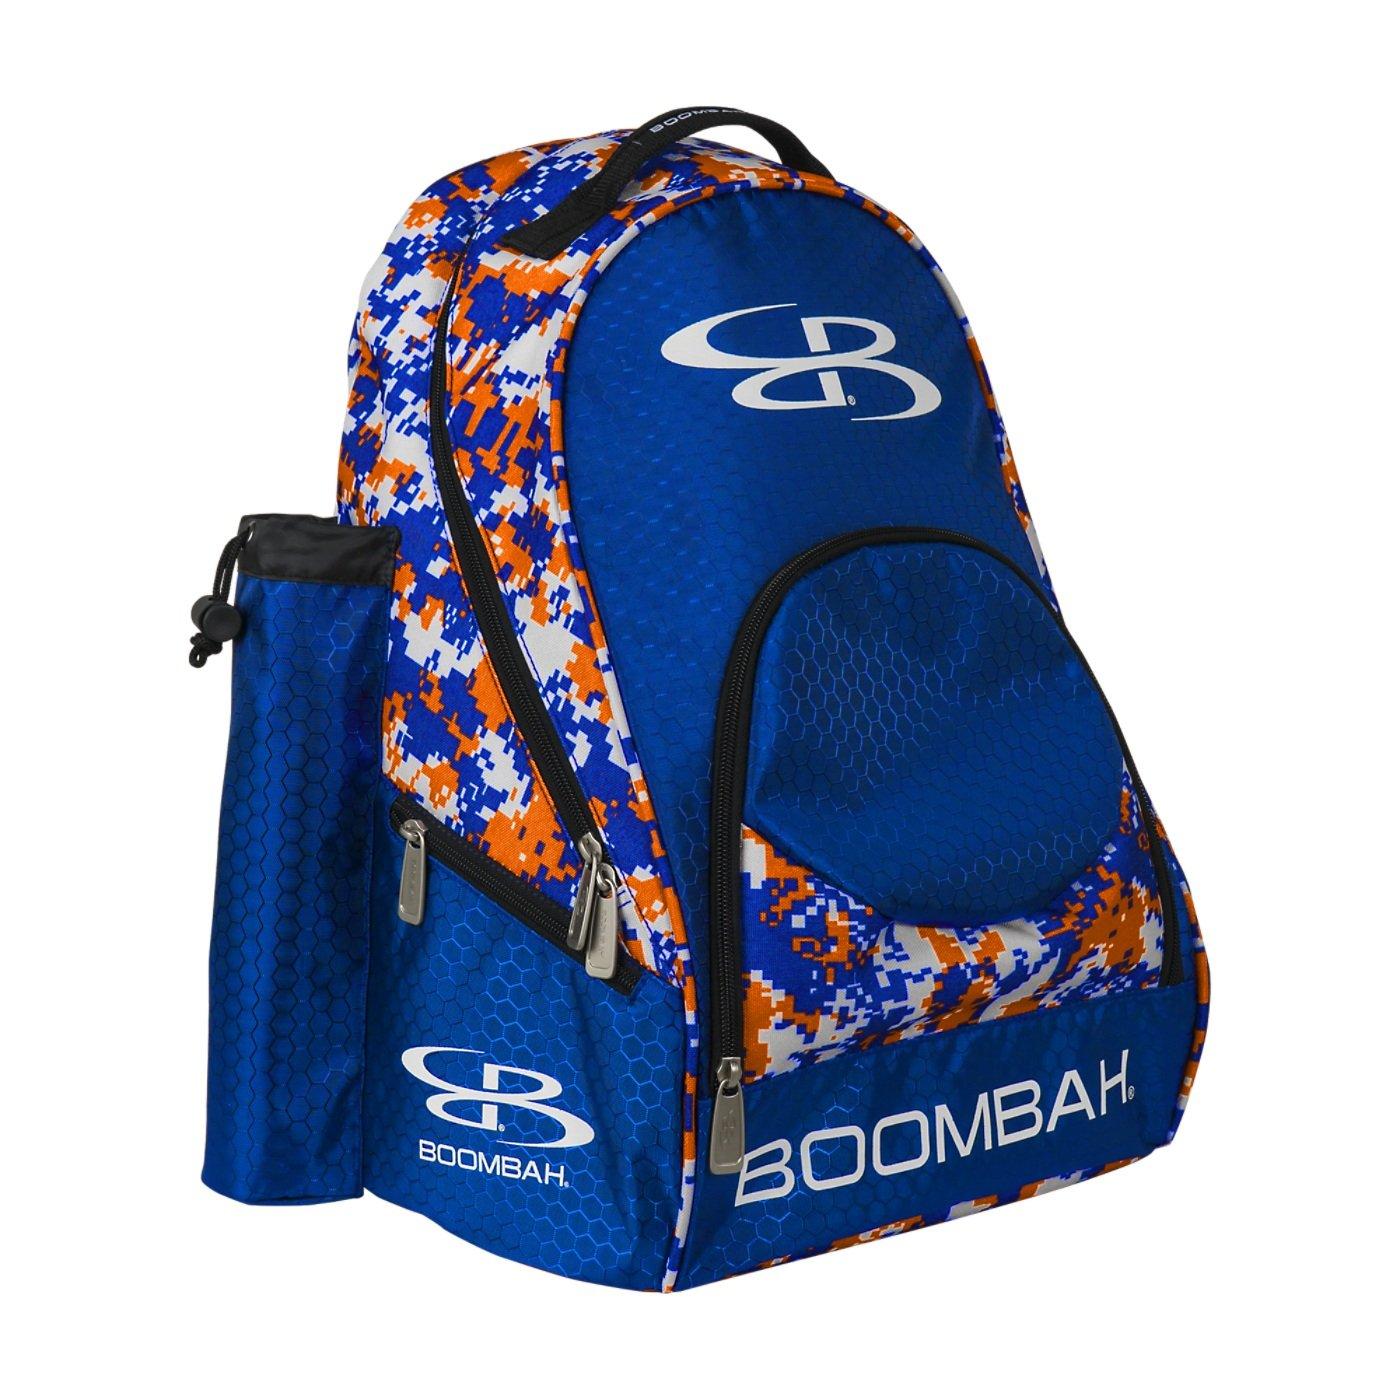 (ブームバー) Boombah Tyroシリーズ 野球/ソフトボールバットが収納できるバックパック 20x 15x10インチ 迷彩柄 20色展開 2-3/4インチまでのバットを2本収納可 B01N2JBYZT Orange/Royal Orange/Royal